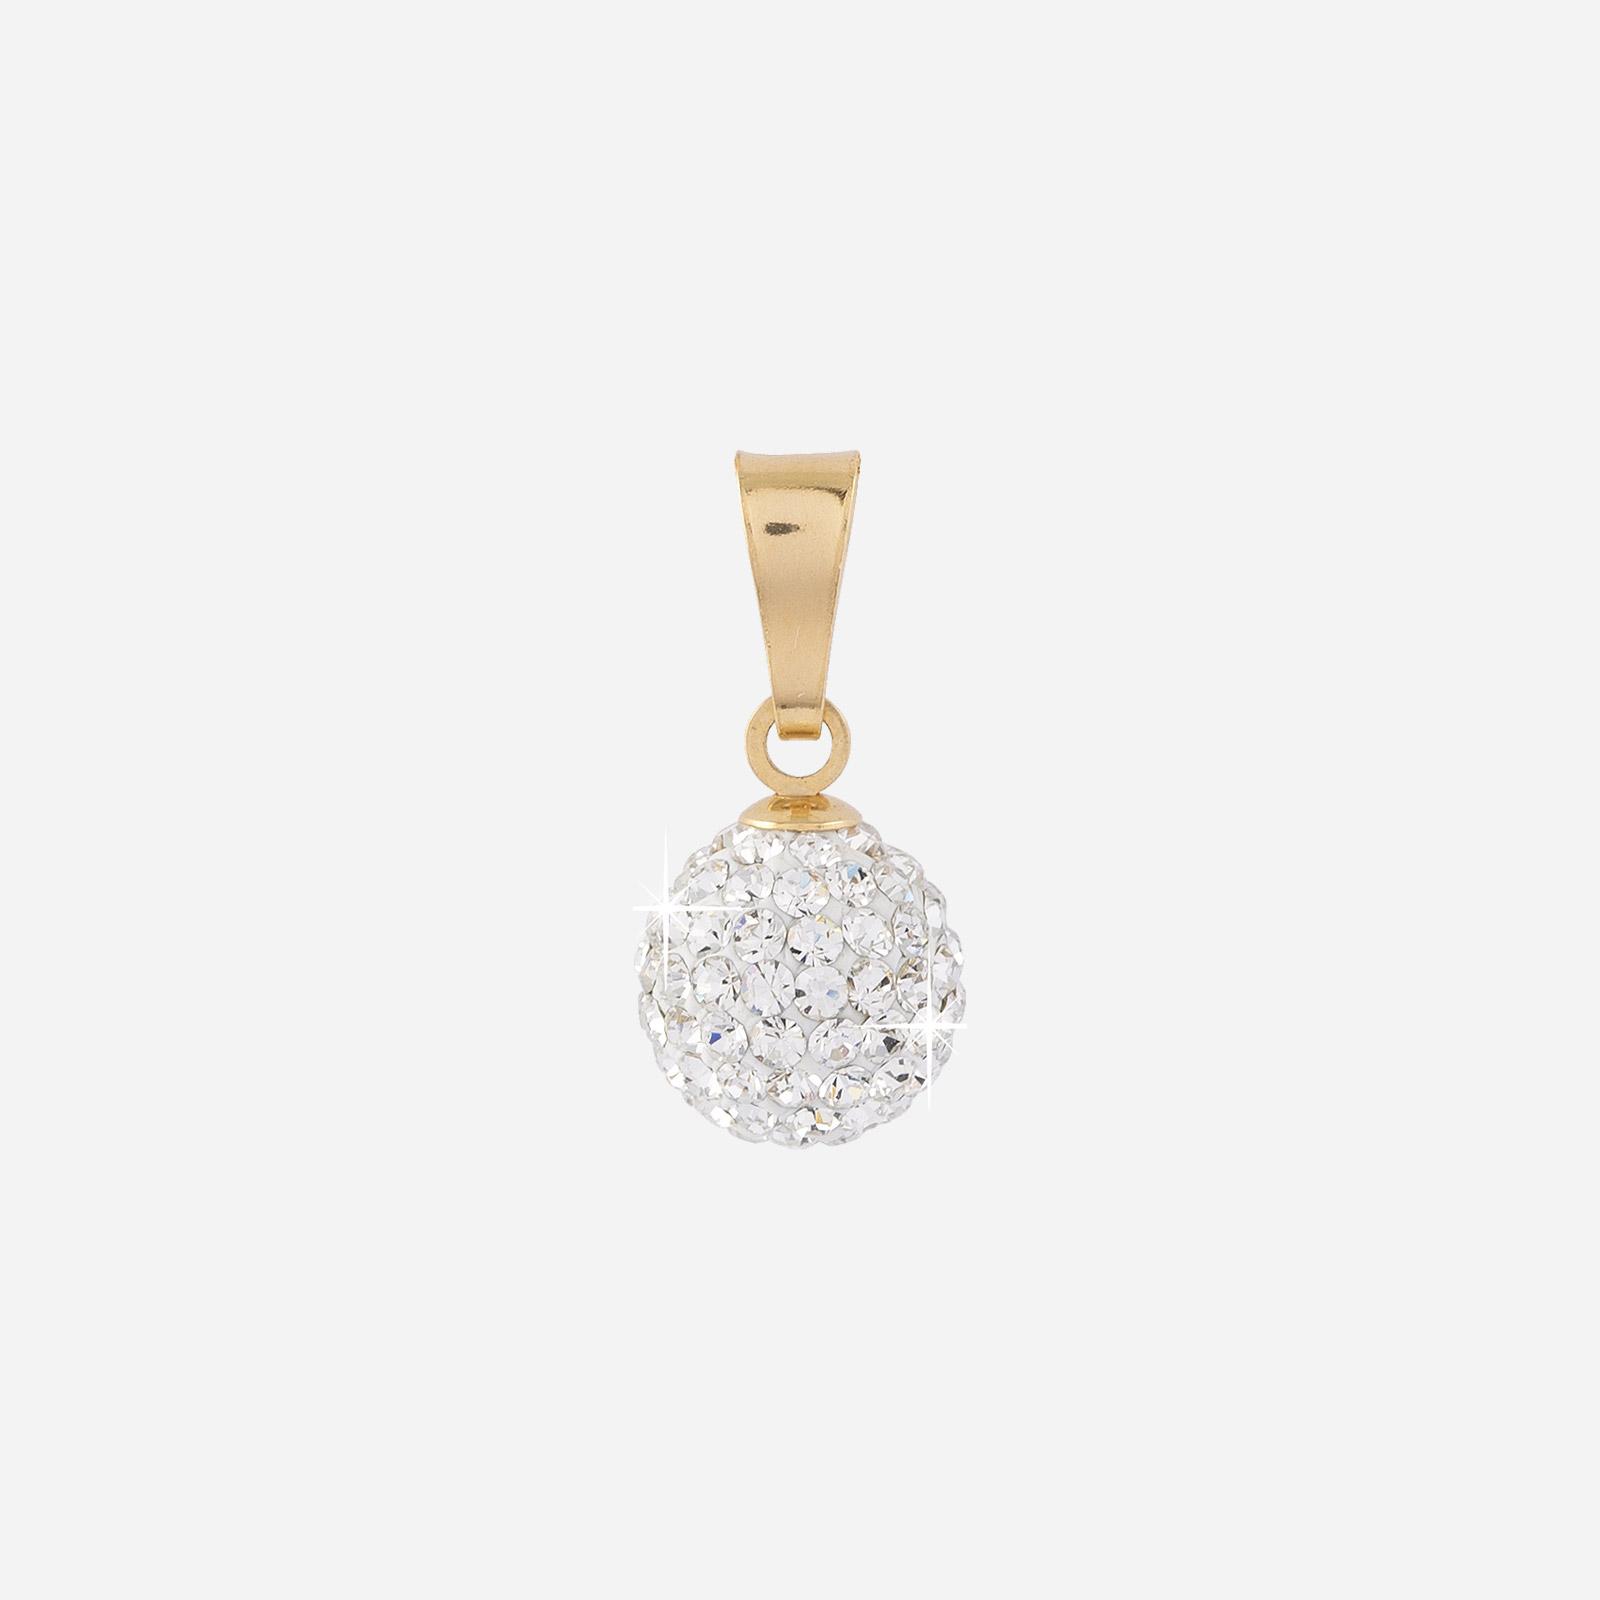 Berlock 18k guld - Boll med kristaller 8 mm